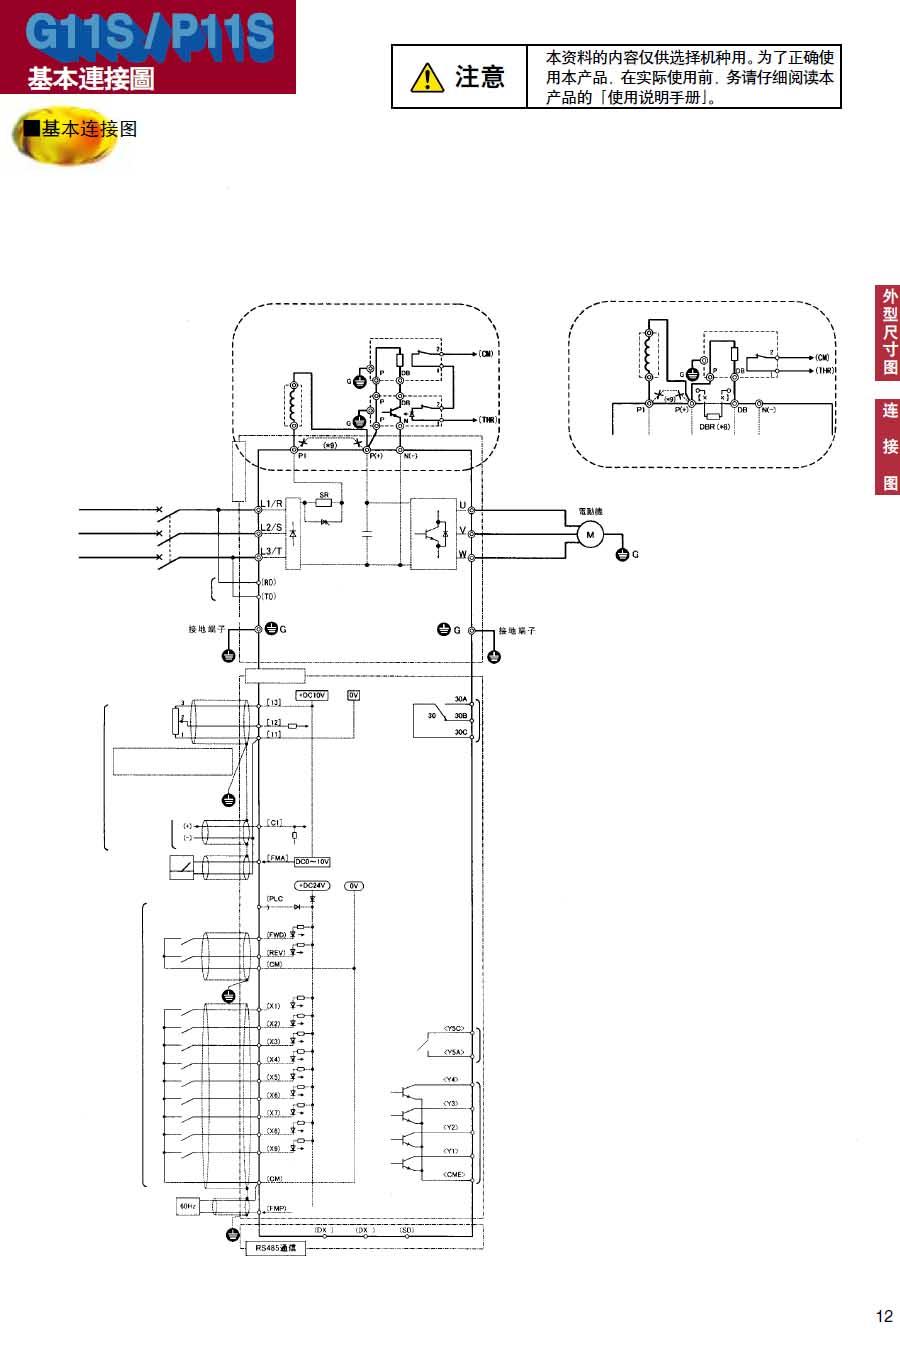 富士变频器 frn315p11s-4cx